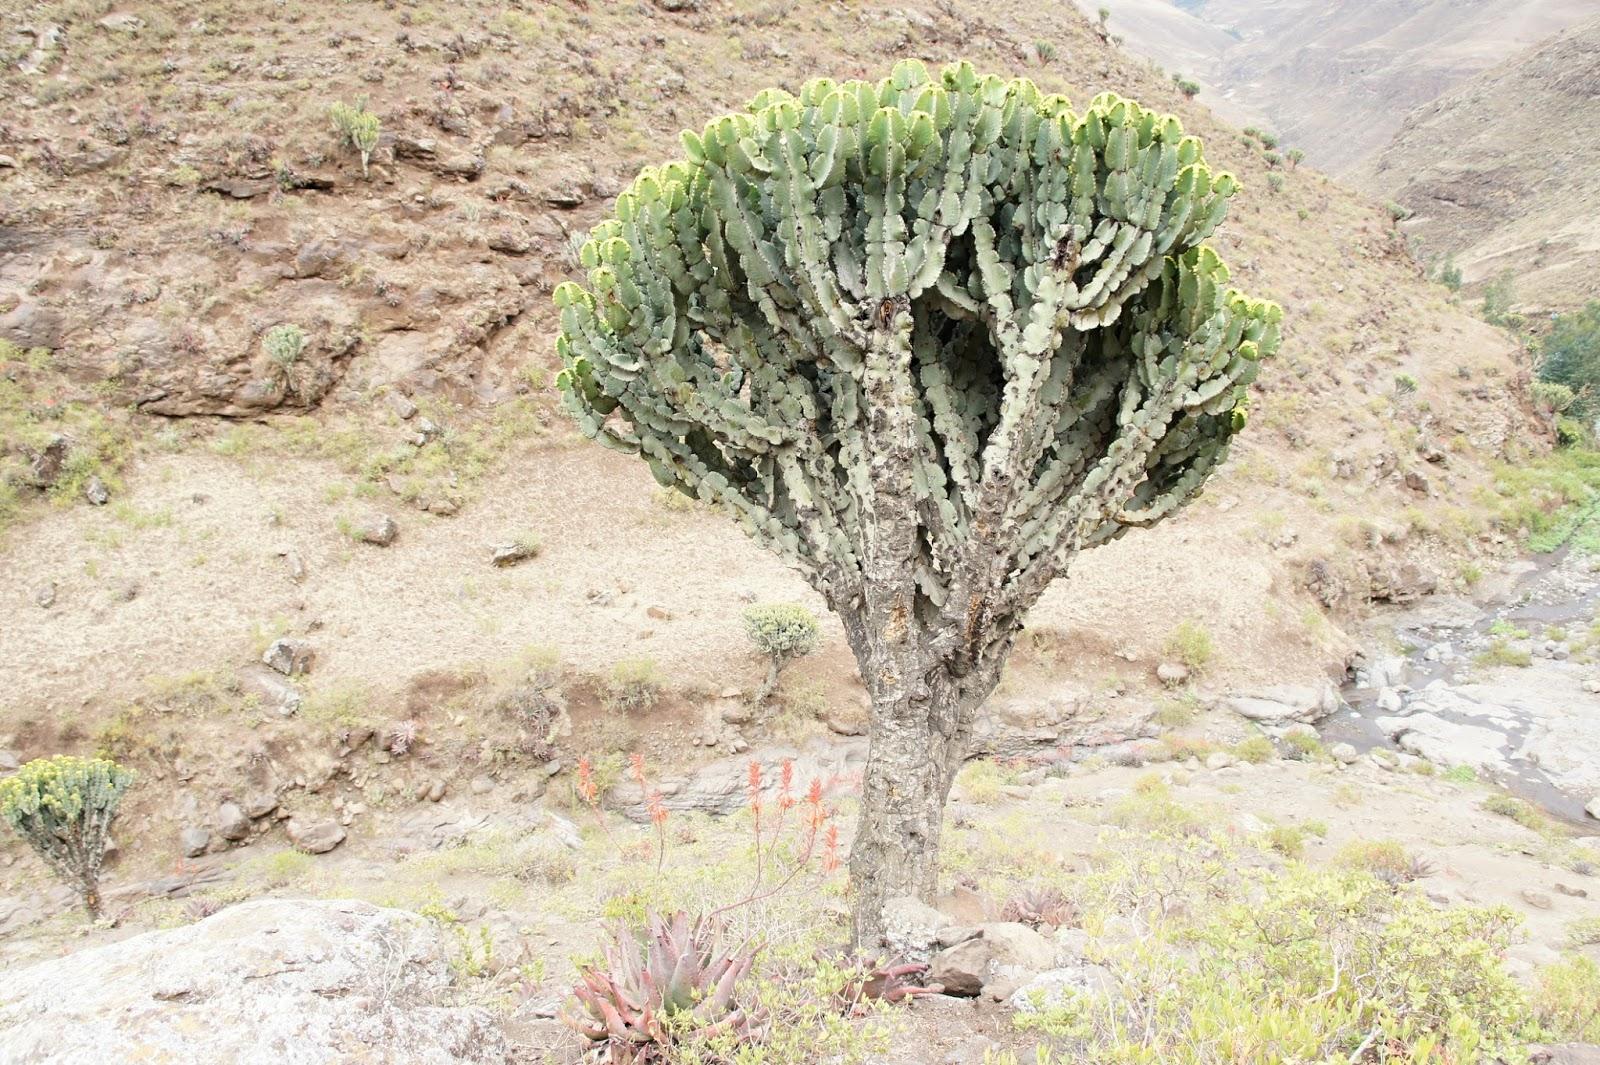 Qwelqwāl (ቍልቋል, Euphorbia candelabrum,